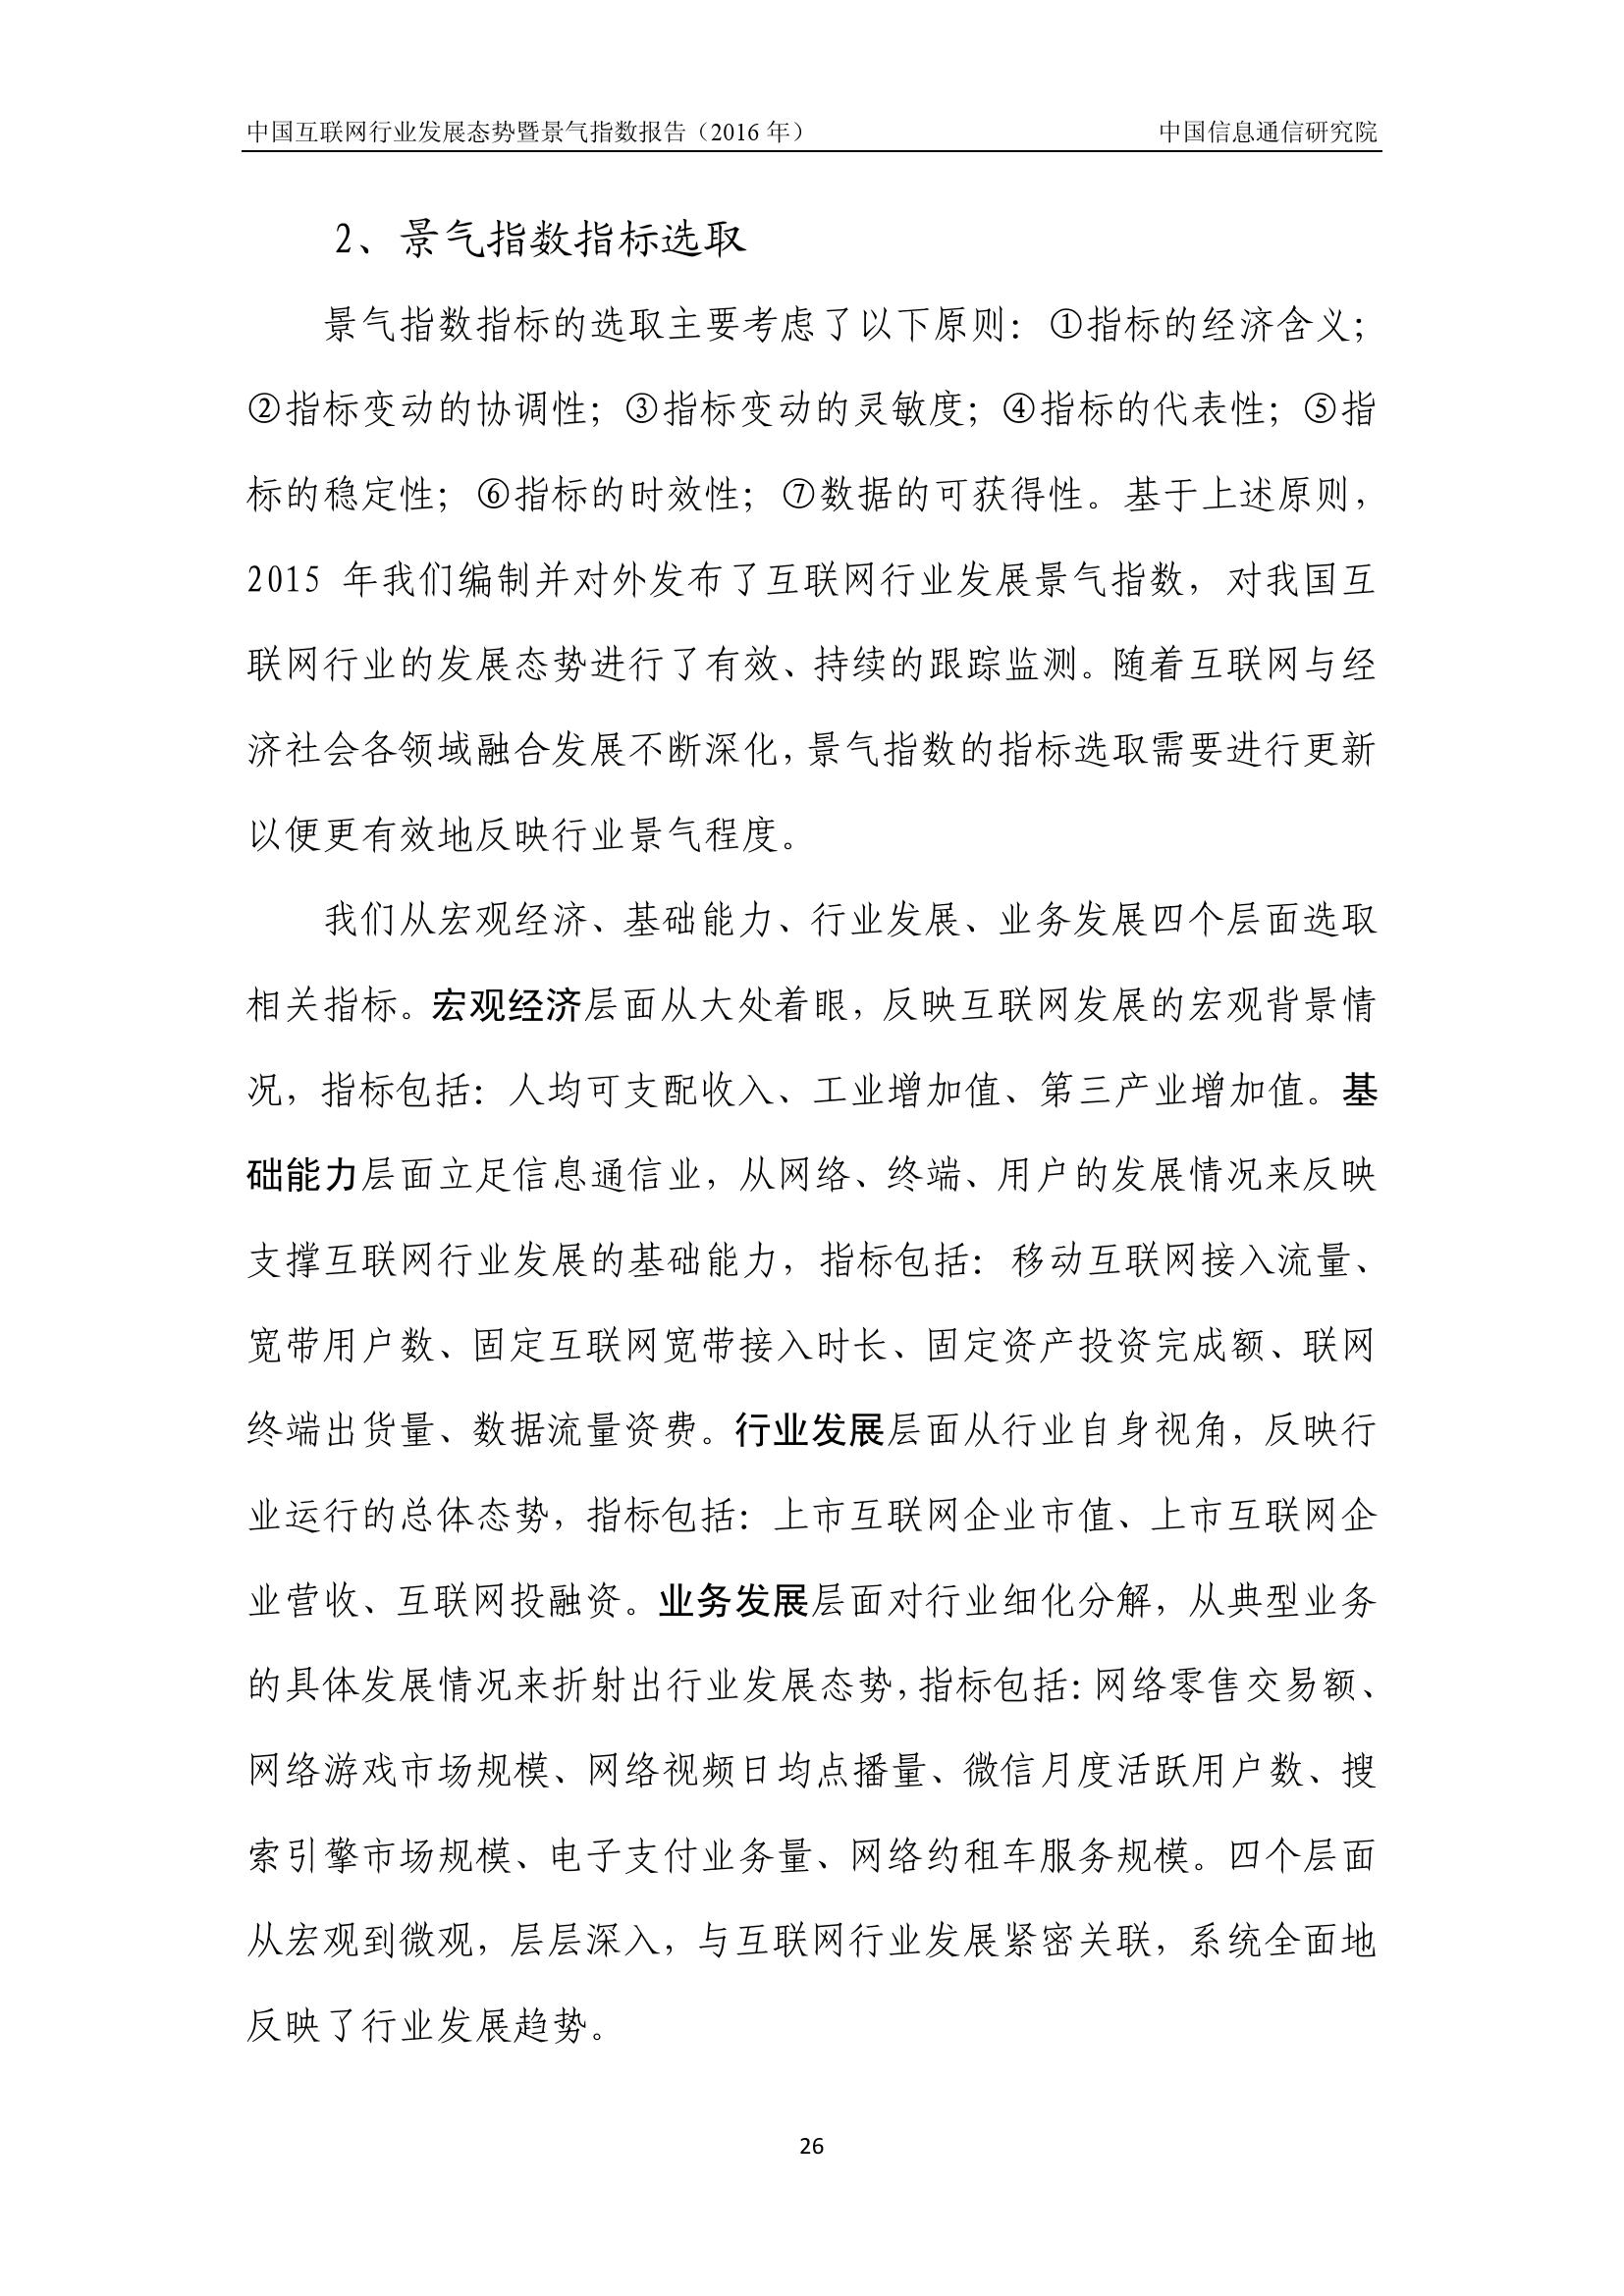 2016年中国互联网行业发展态势暨景气指数报告_000030